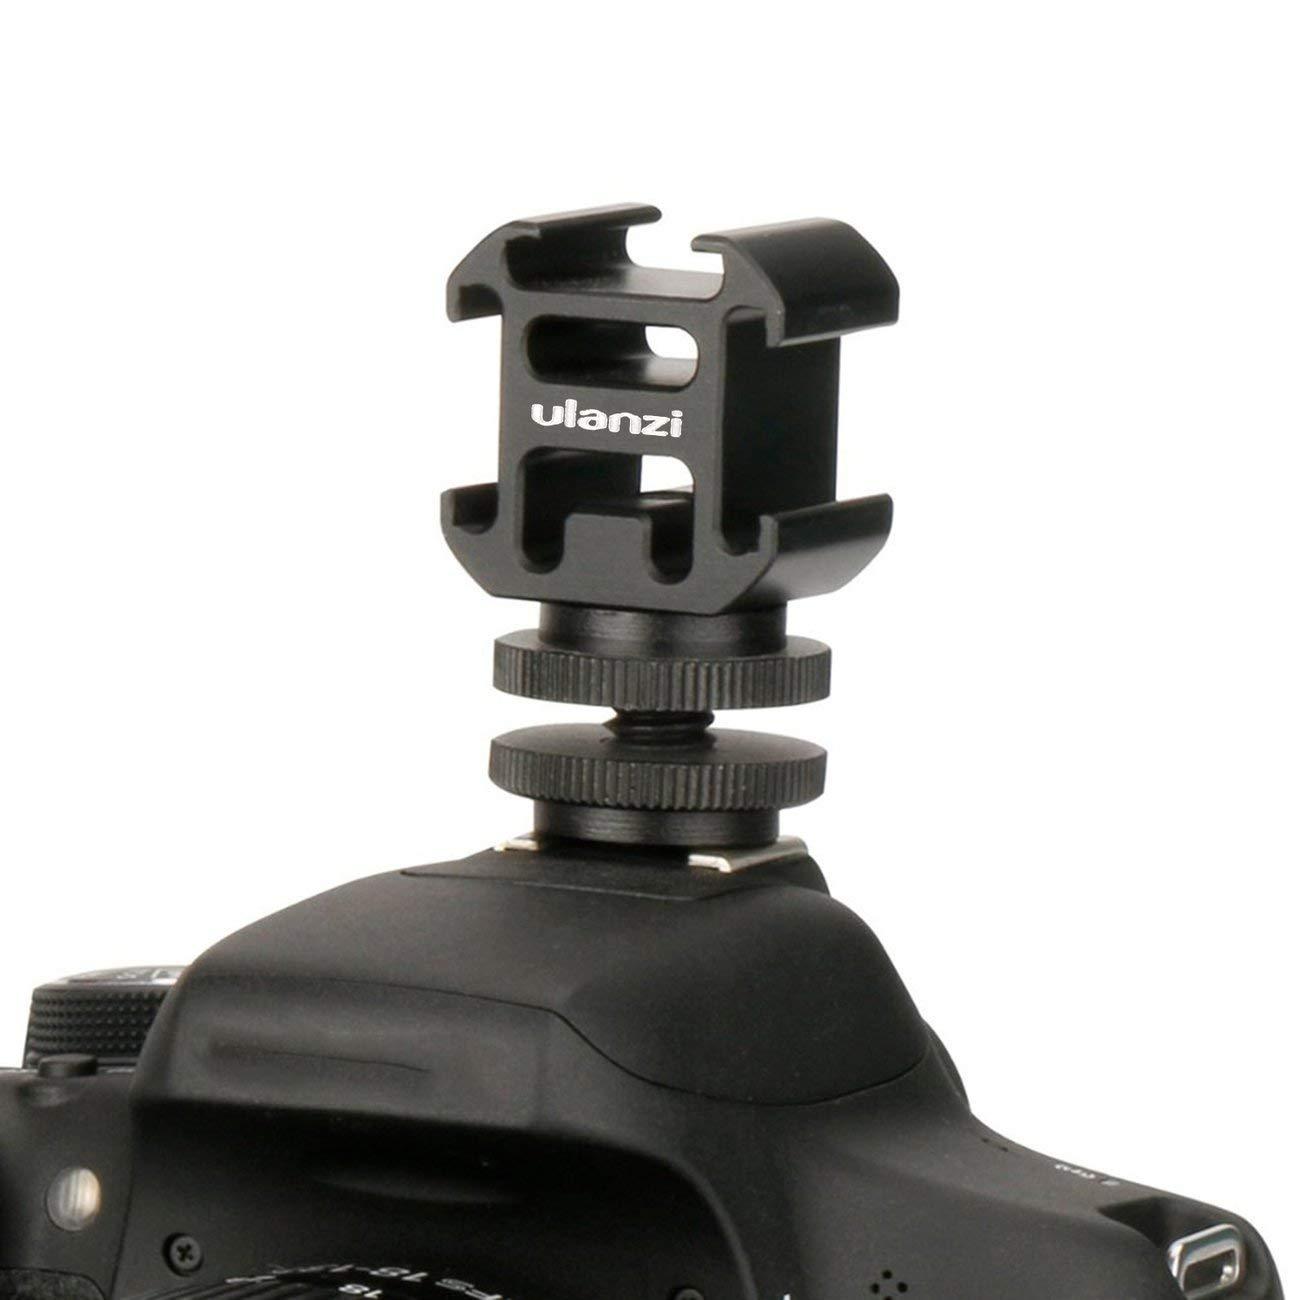 LasVogos Adaptador de Zapata de la c/ámara Caliente Ulanzi Monte Monte con by-MM1 micr/ófono Mini LED Luz de v/ídeo para la c/ámara r/éflex Digital para Canon para Nikon Negro